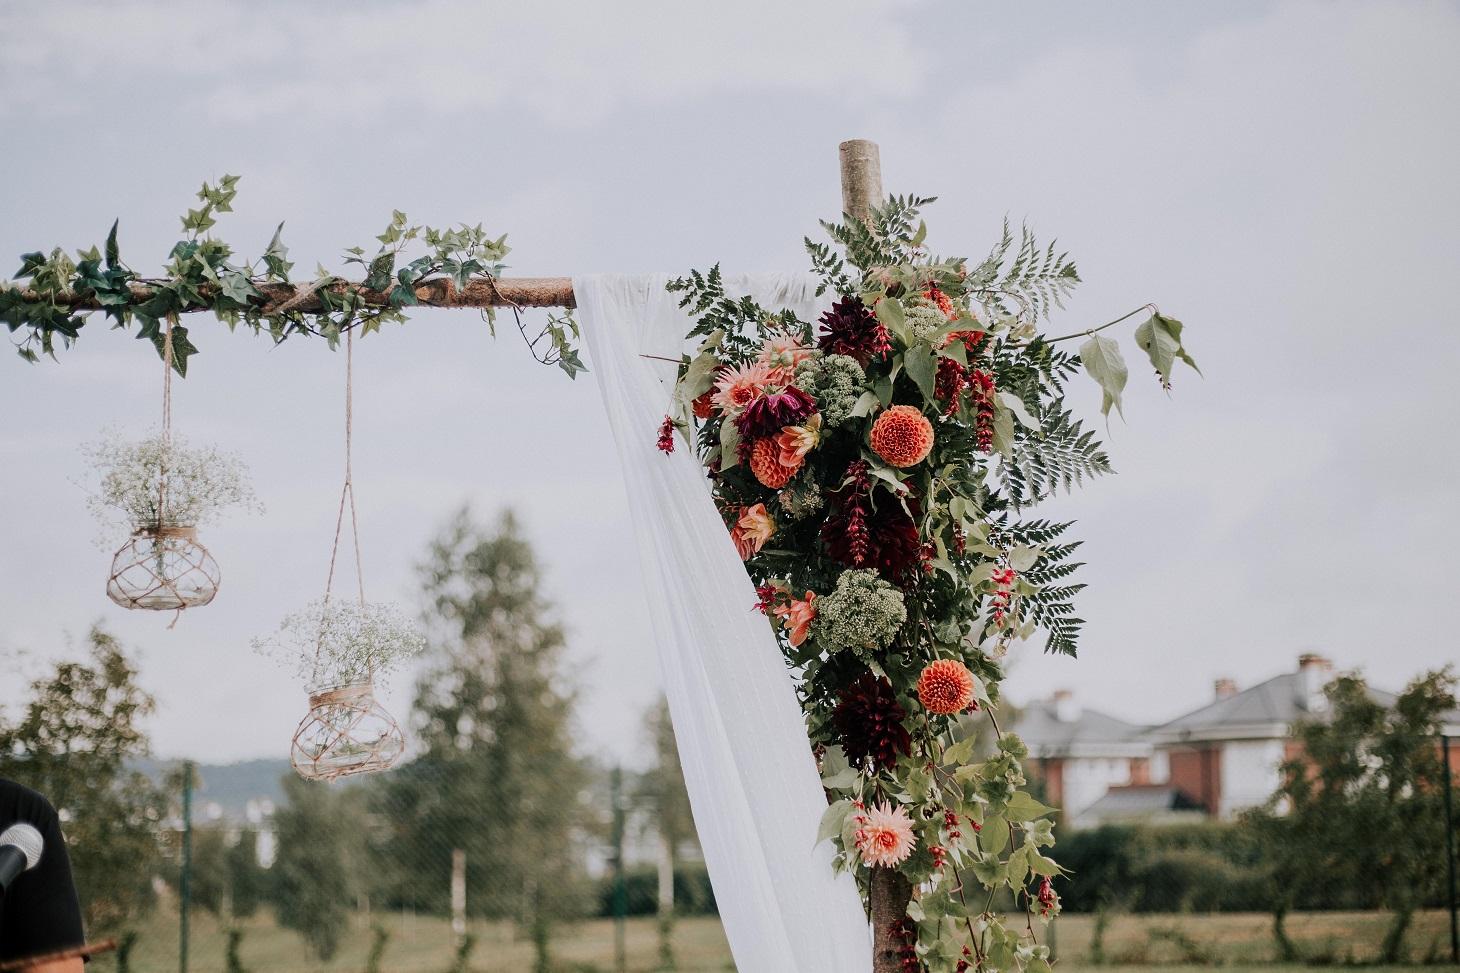 leymar-floristas-novias-asturias-aviles-ramos-bodas-decoracion-iglesia-mesas-novia (19)